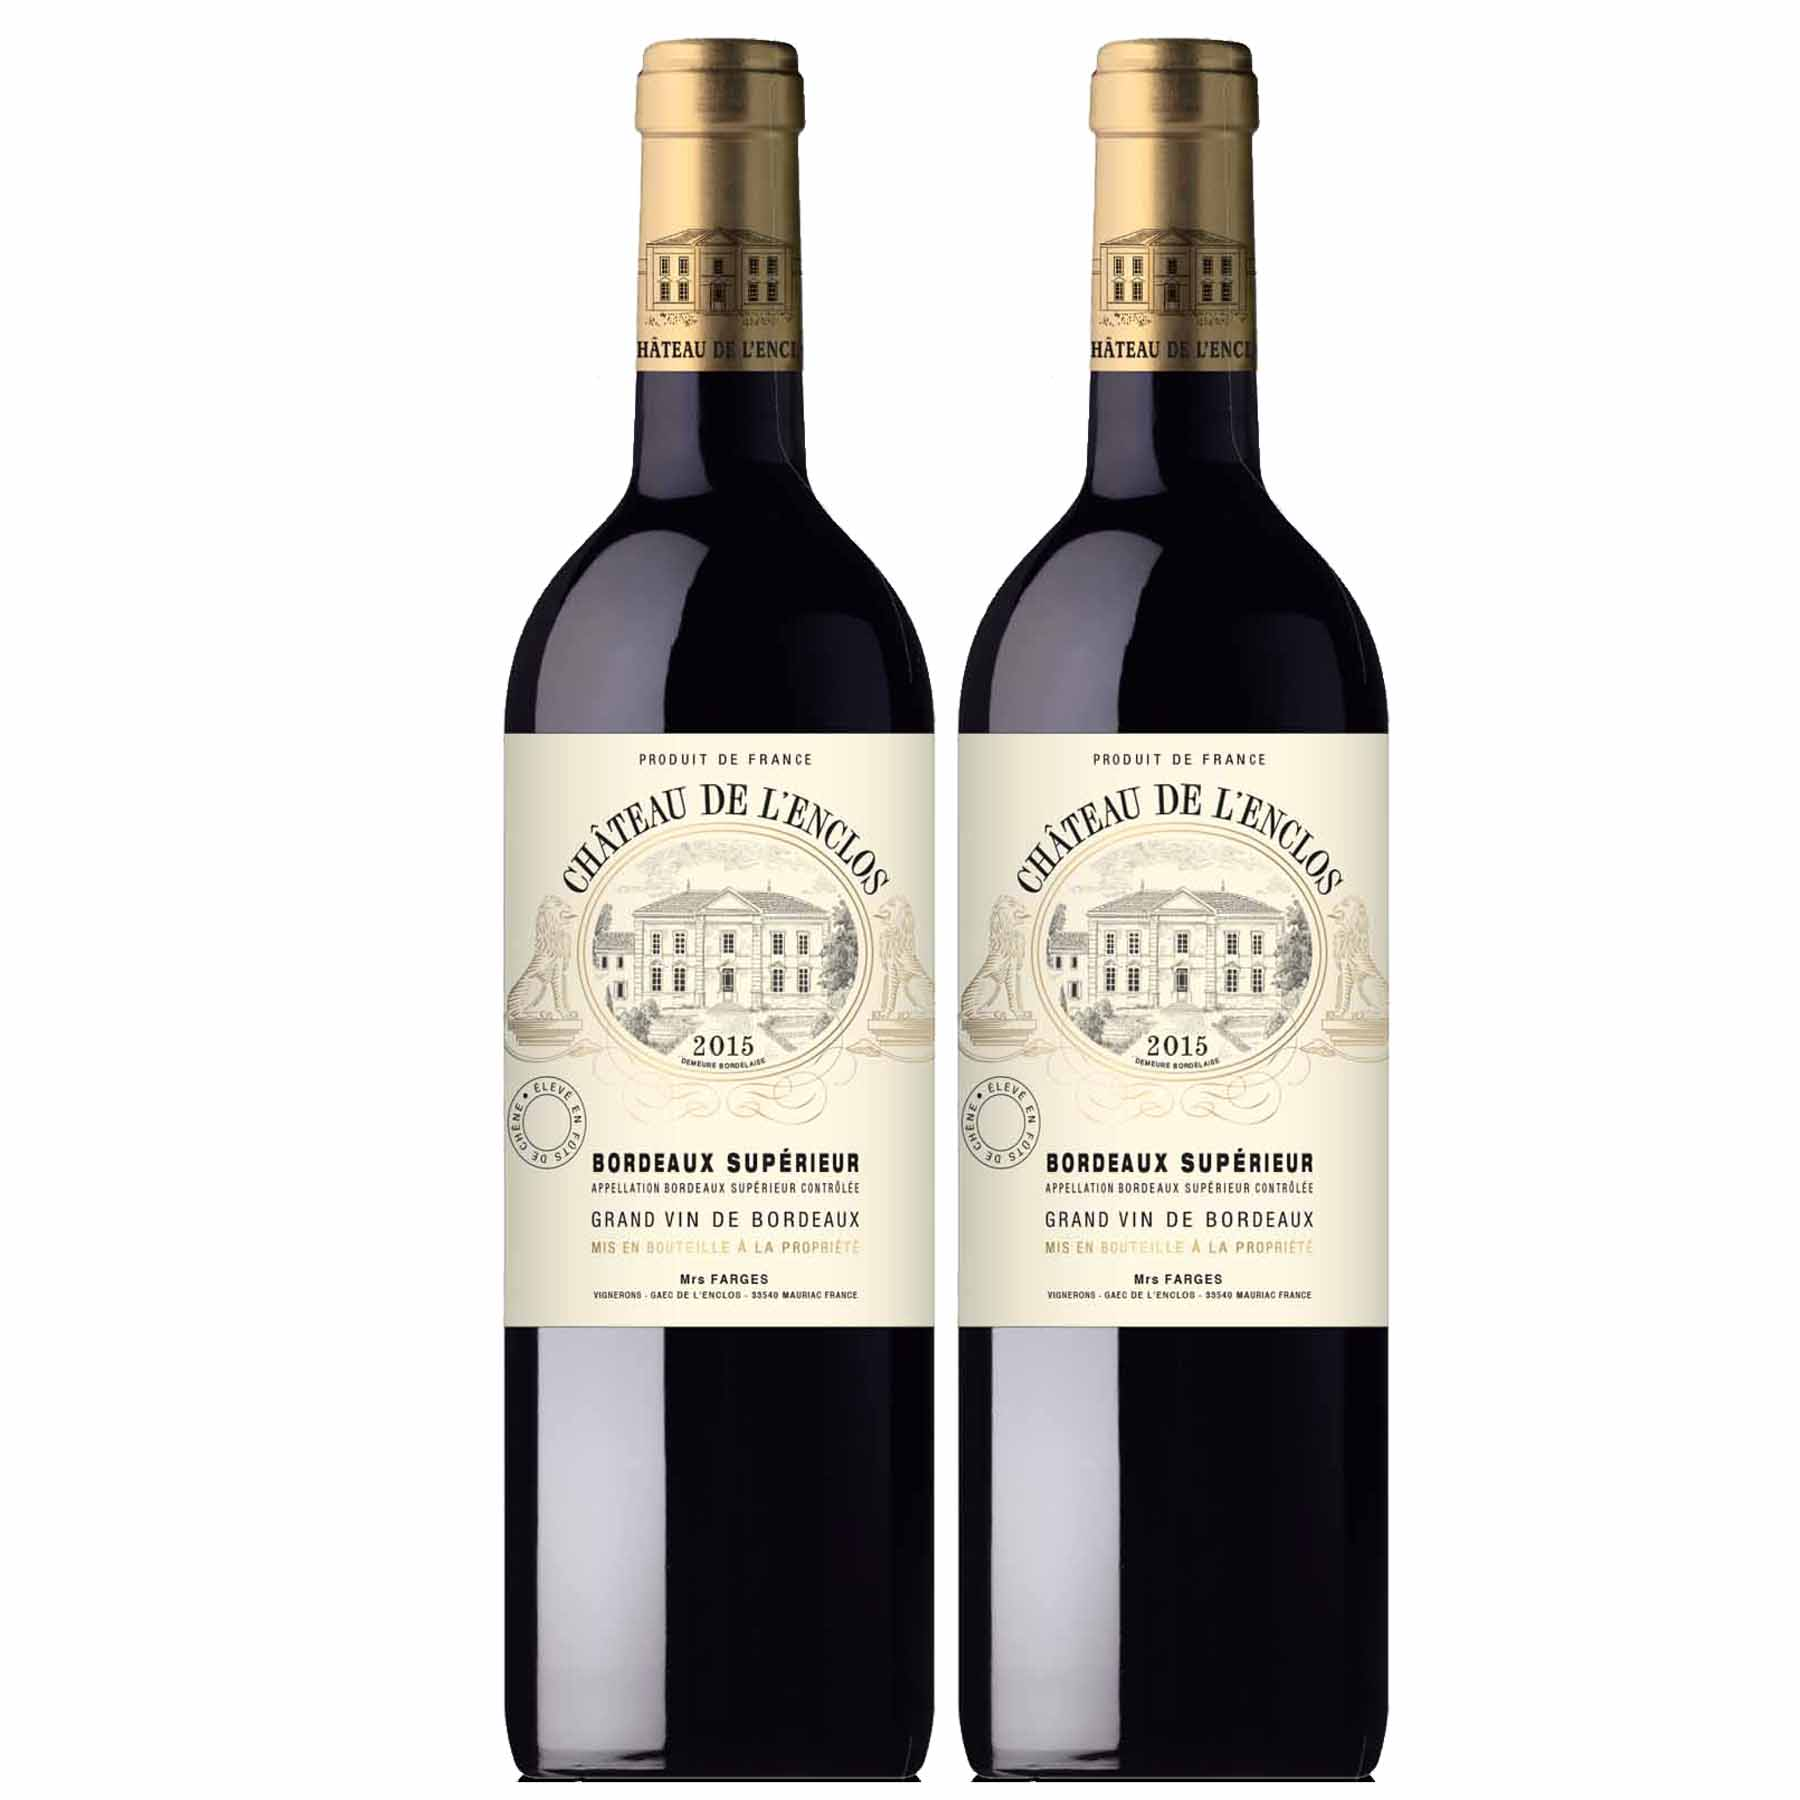 Kit 2x Vinho Tinto Francês Château De L'enclos Bourdeaux Supérieur 2015